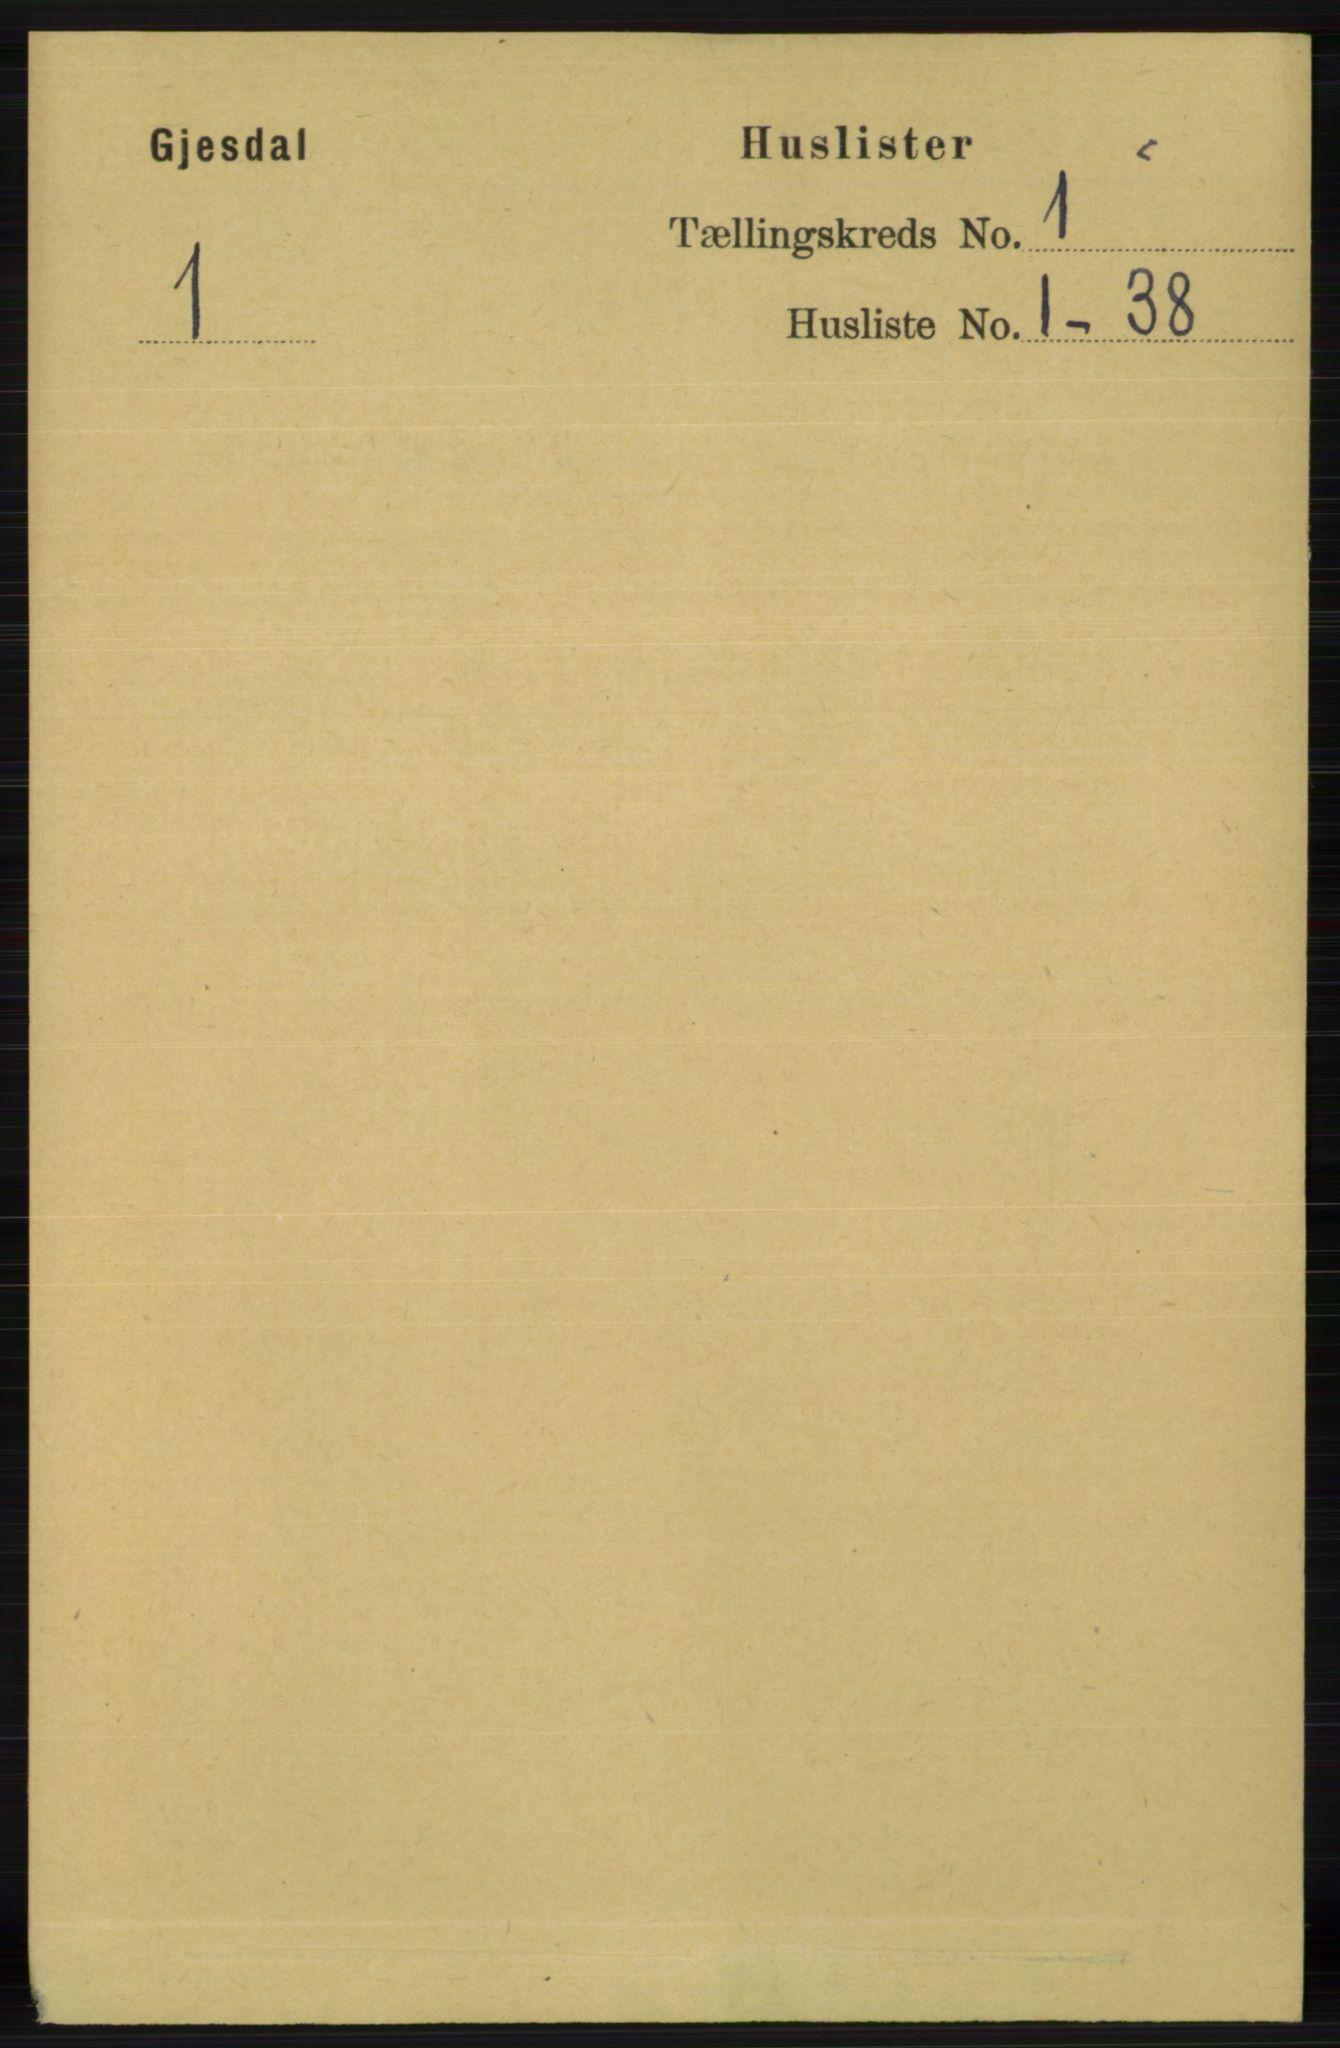 RA, Folketelling 1891 for 1122 Gjesdal herred, 1891, s. 18